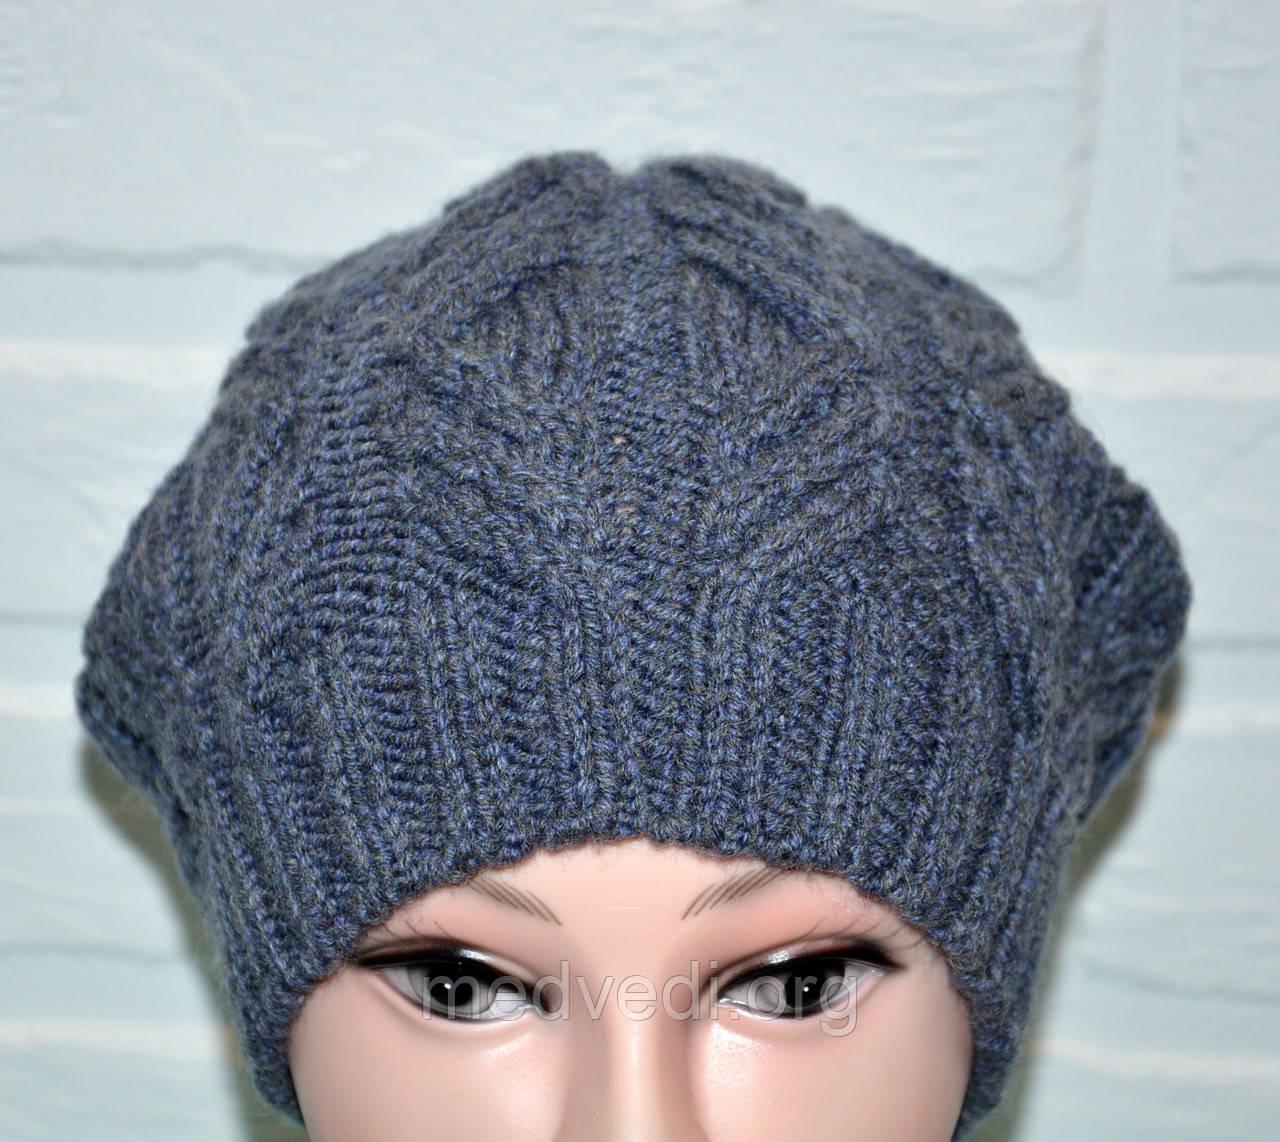 Серая женская шапка, вязка косы, без помпона, шерсть, ручная работа